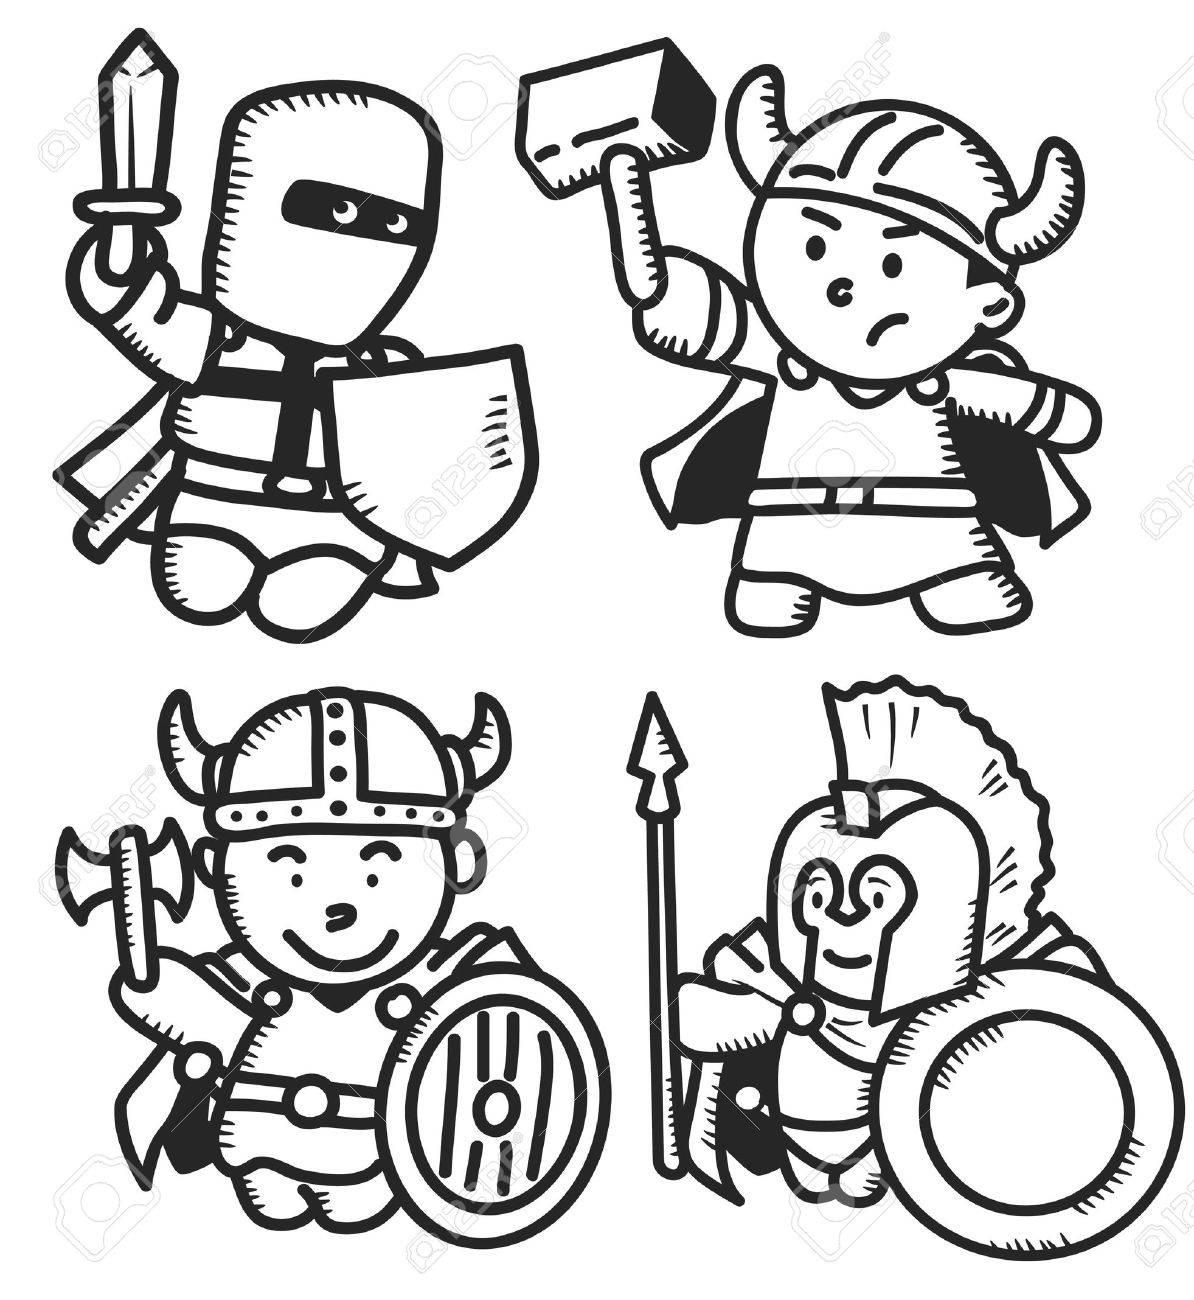 set of ancient warrior Stock Vector - 16821854